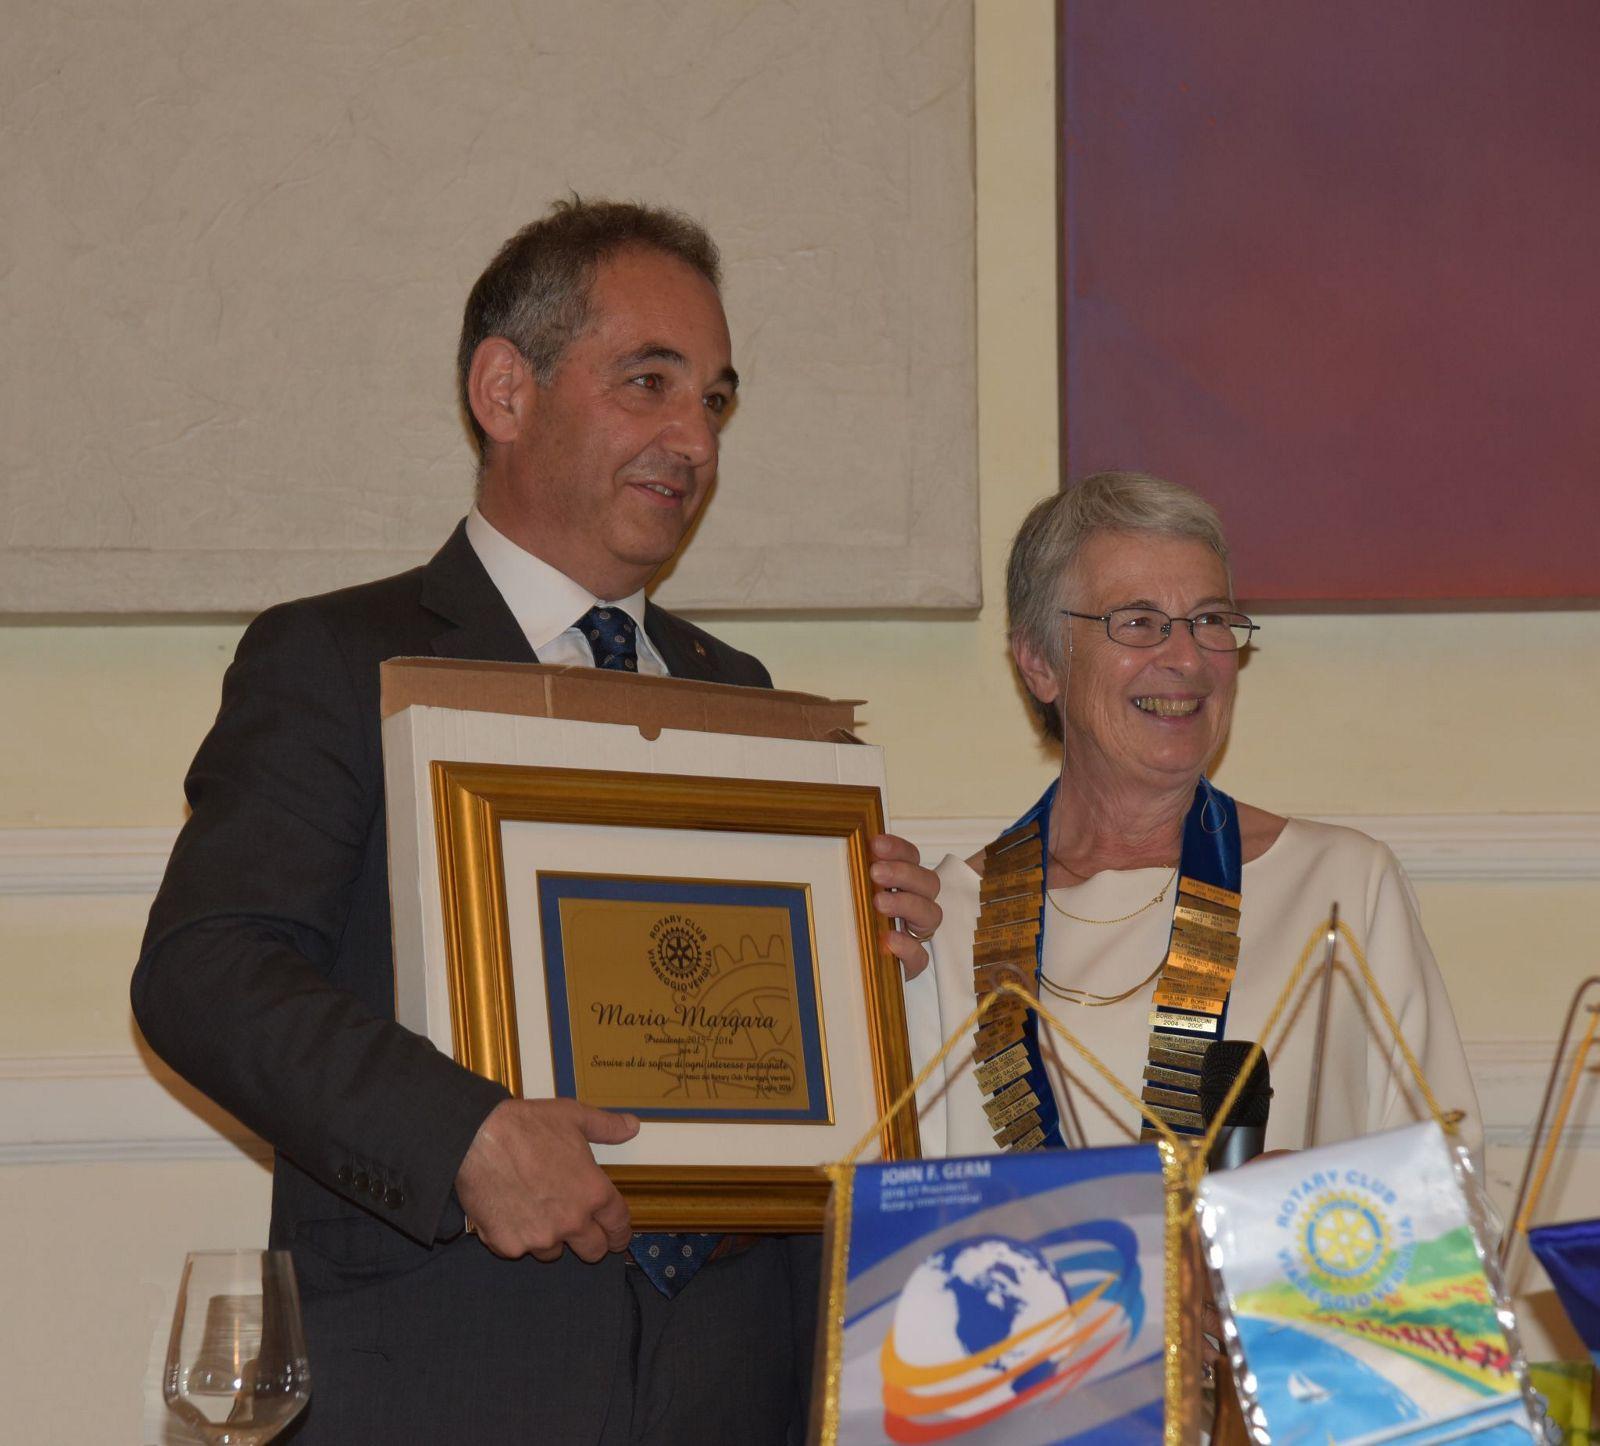 Una donna alla guida del Rotary Club